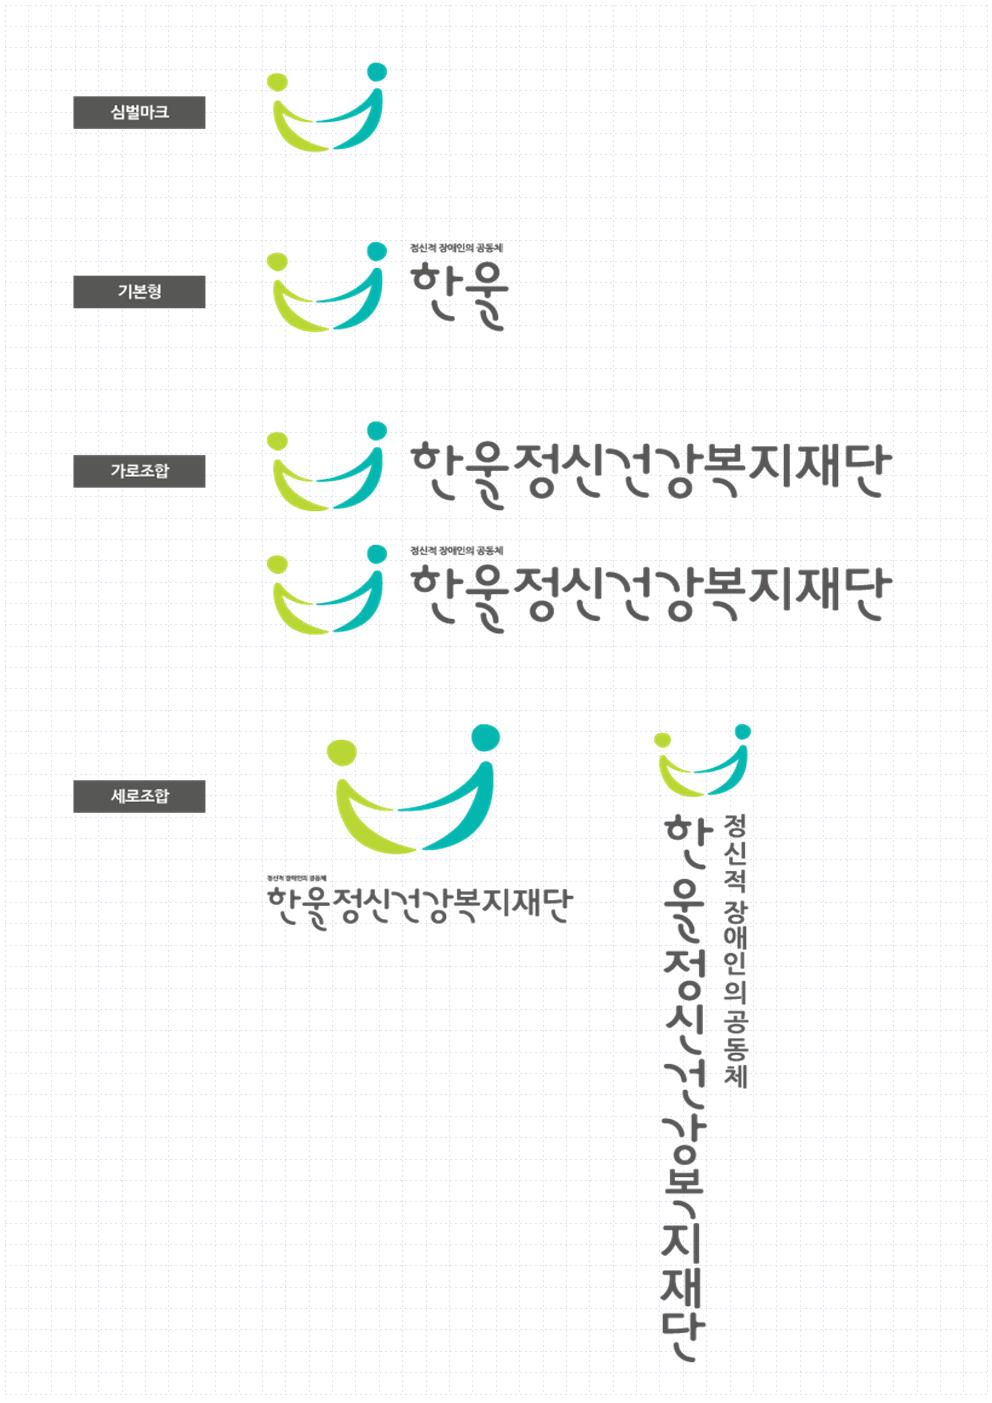 사회복지법인 한울정신건강복지재단 ci 매뉴얼. 심벌마크, 기본형, 가로조합과 세로조합으로 구분함